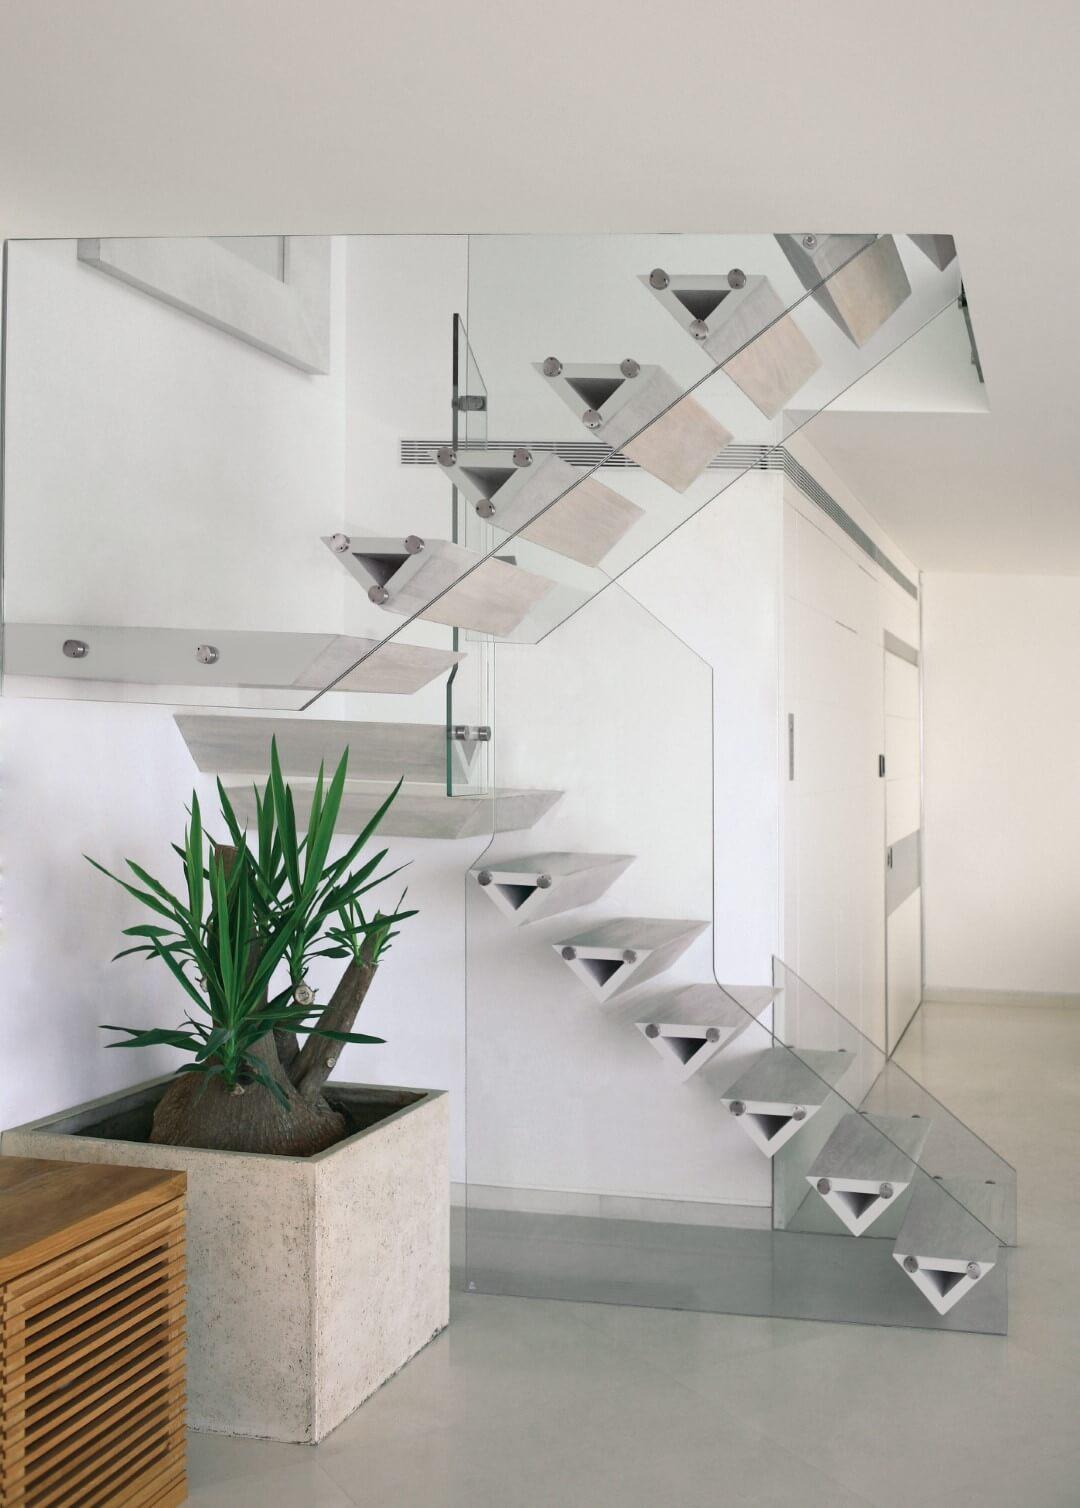 מדרגות עץ האלון כאילו תלויות באוויר בין שני מעקי זכוכית